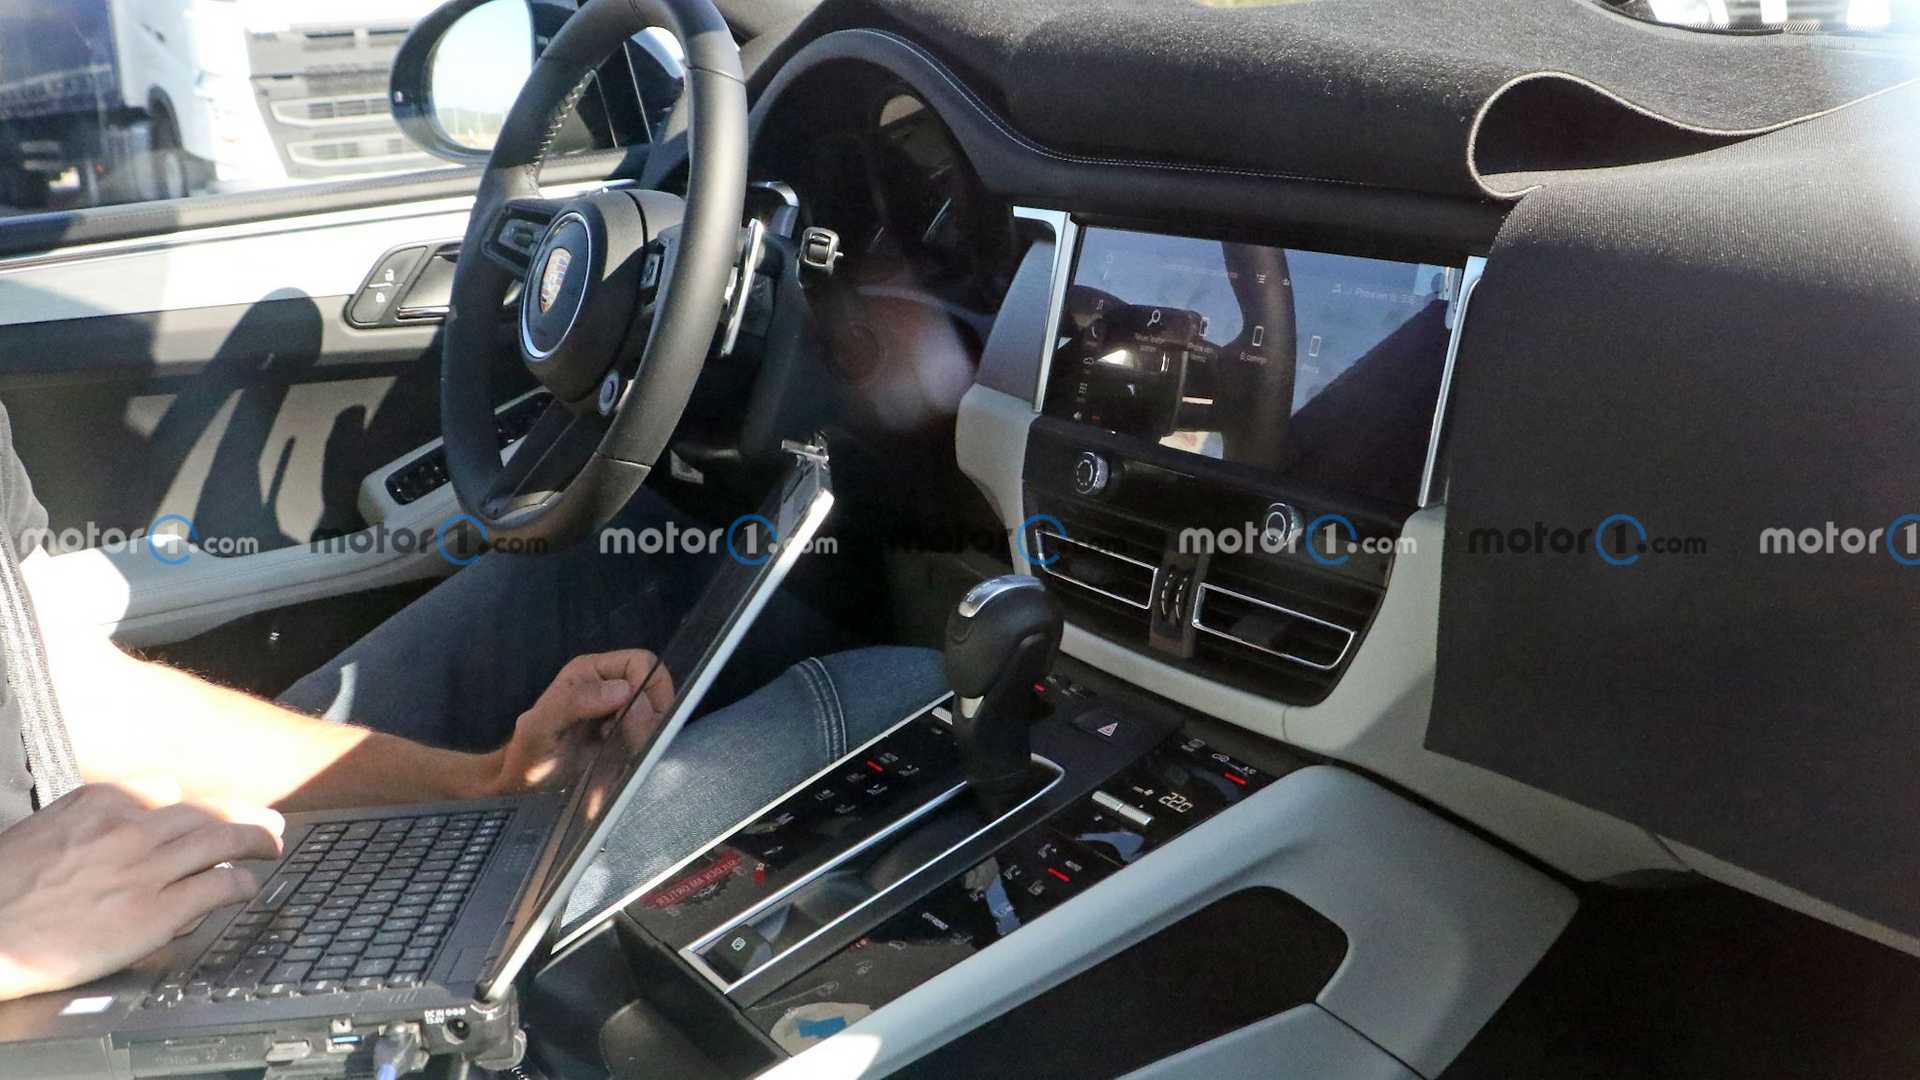 Hé lộ nội thất Porsche Macan mới sắp ra mắt: Vô-lăng mới, bỏ bớt nút bấm - Ảnh 2.